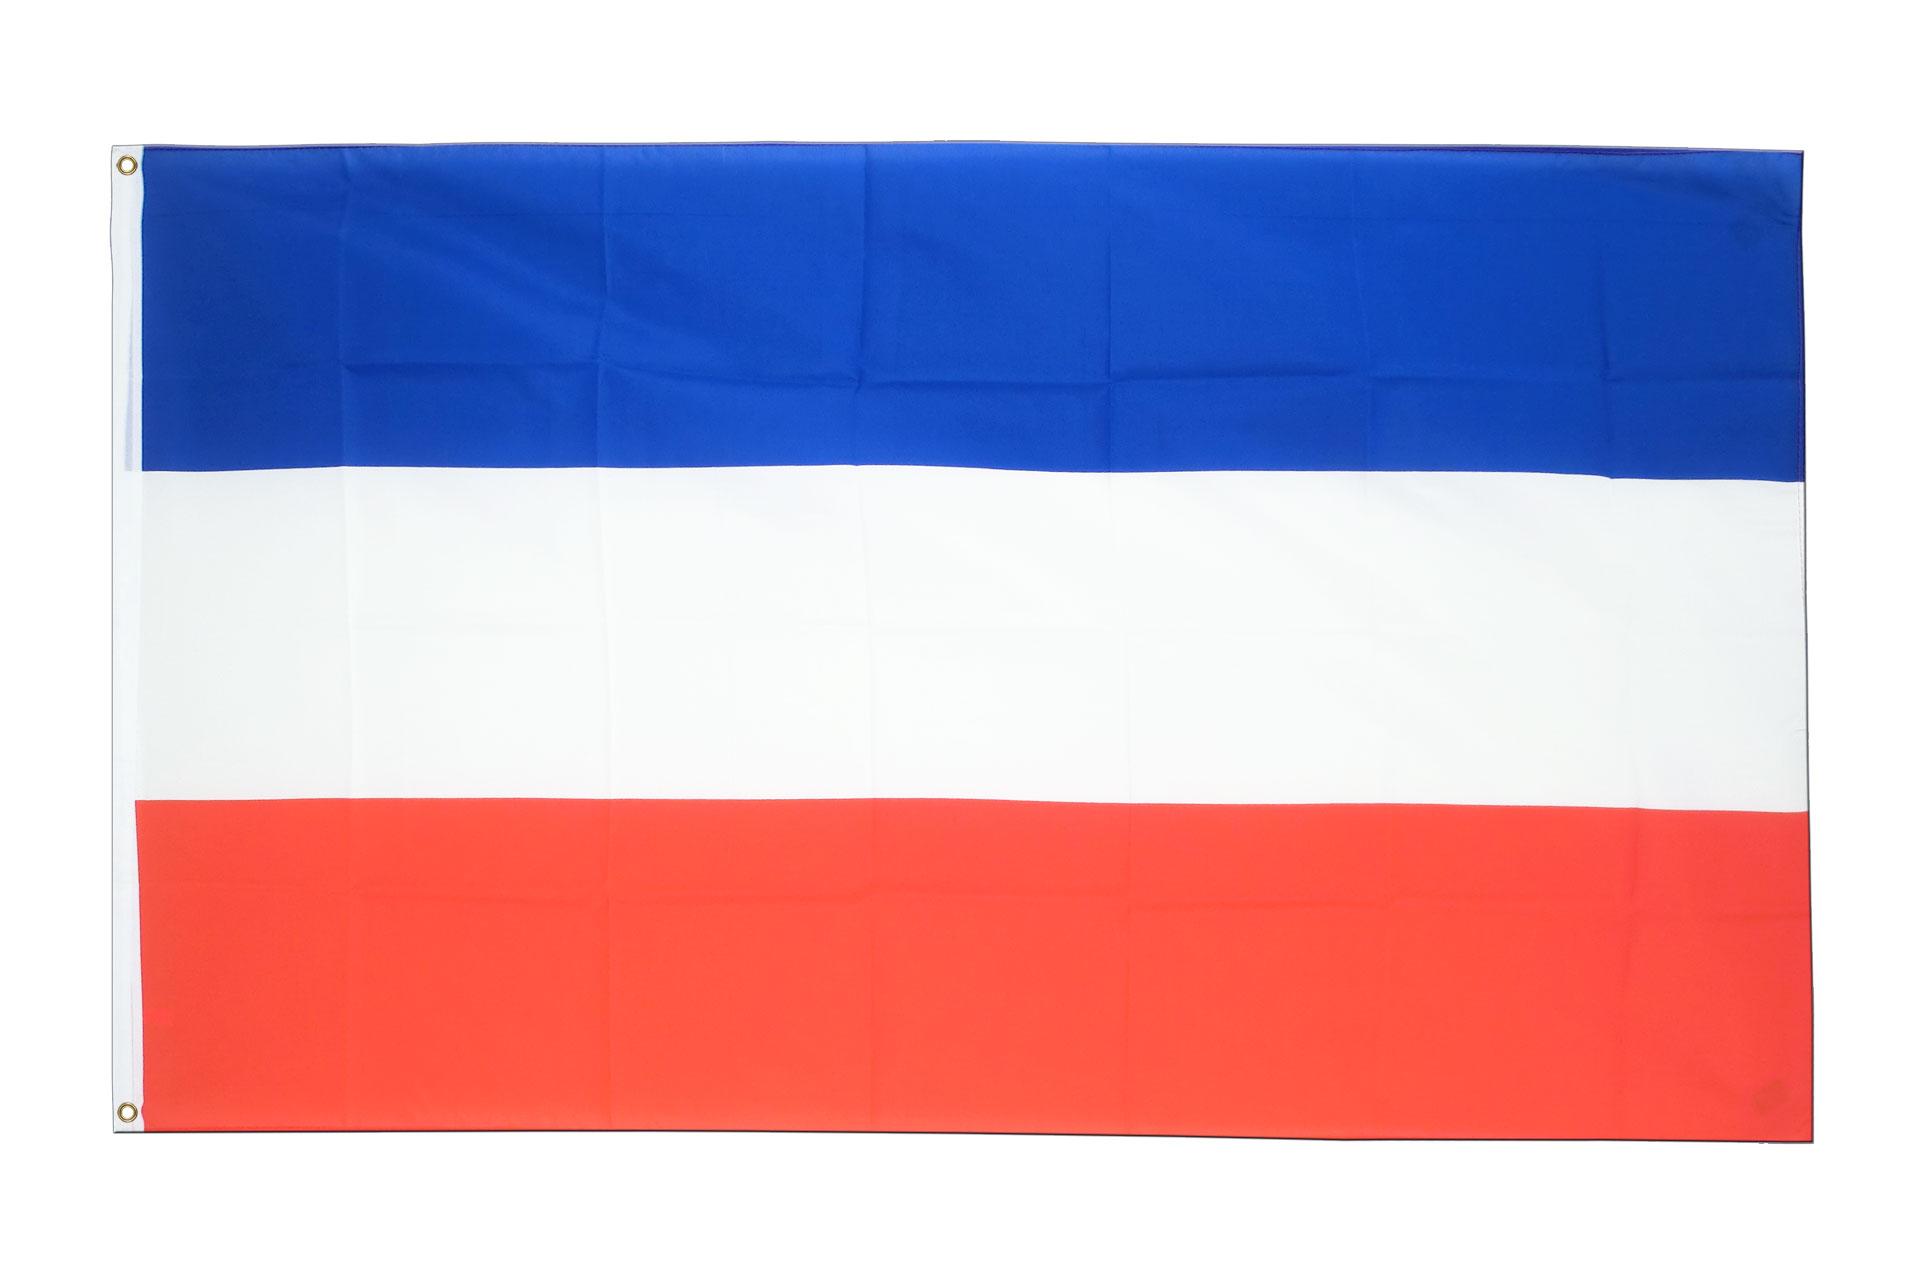 Serbien Flagge - Serbische Fahnen im Flaggen Shop